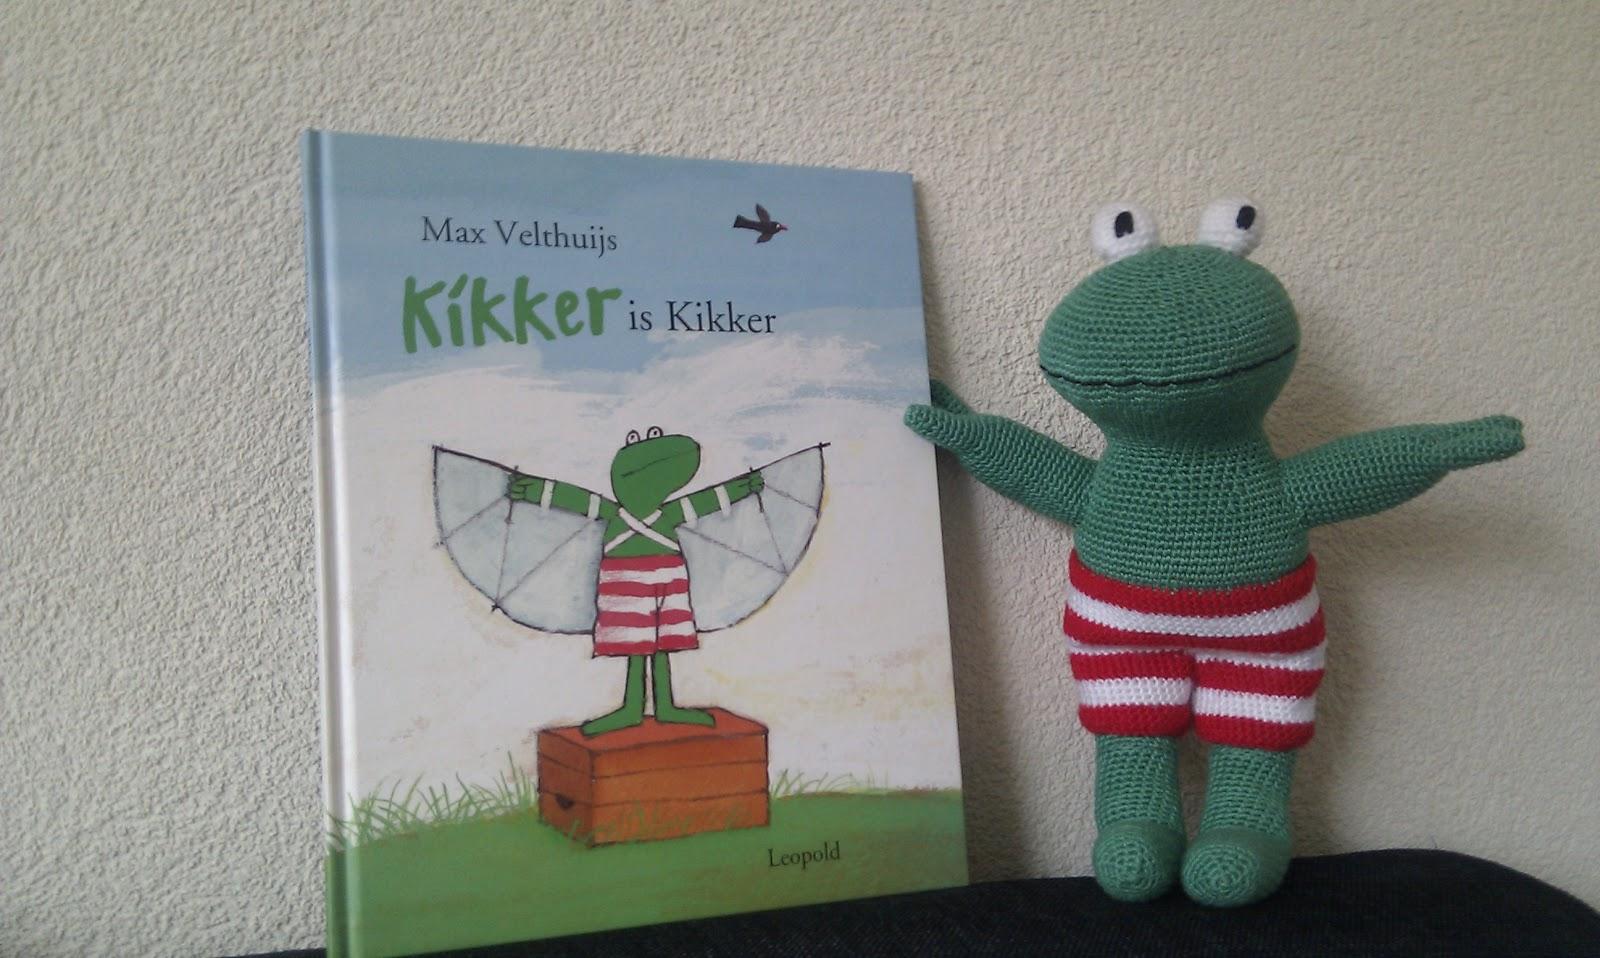 Geliefde SjorsKreaties: Kikker gehaakt, Max Velthuijs &CK82